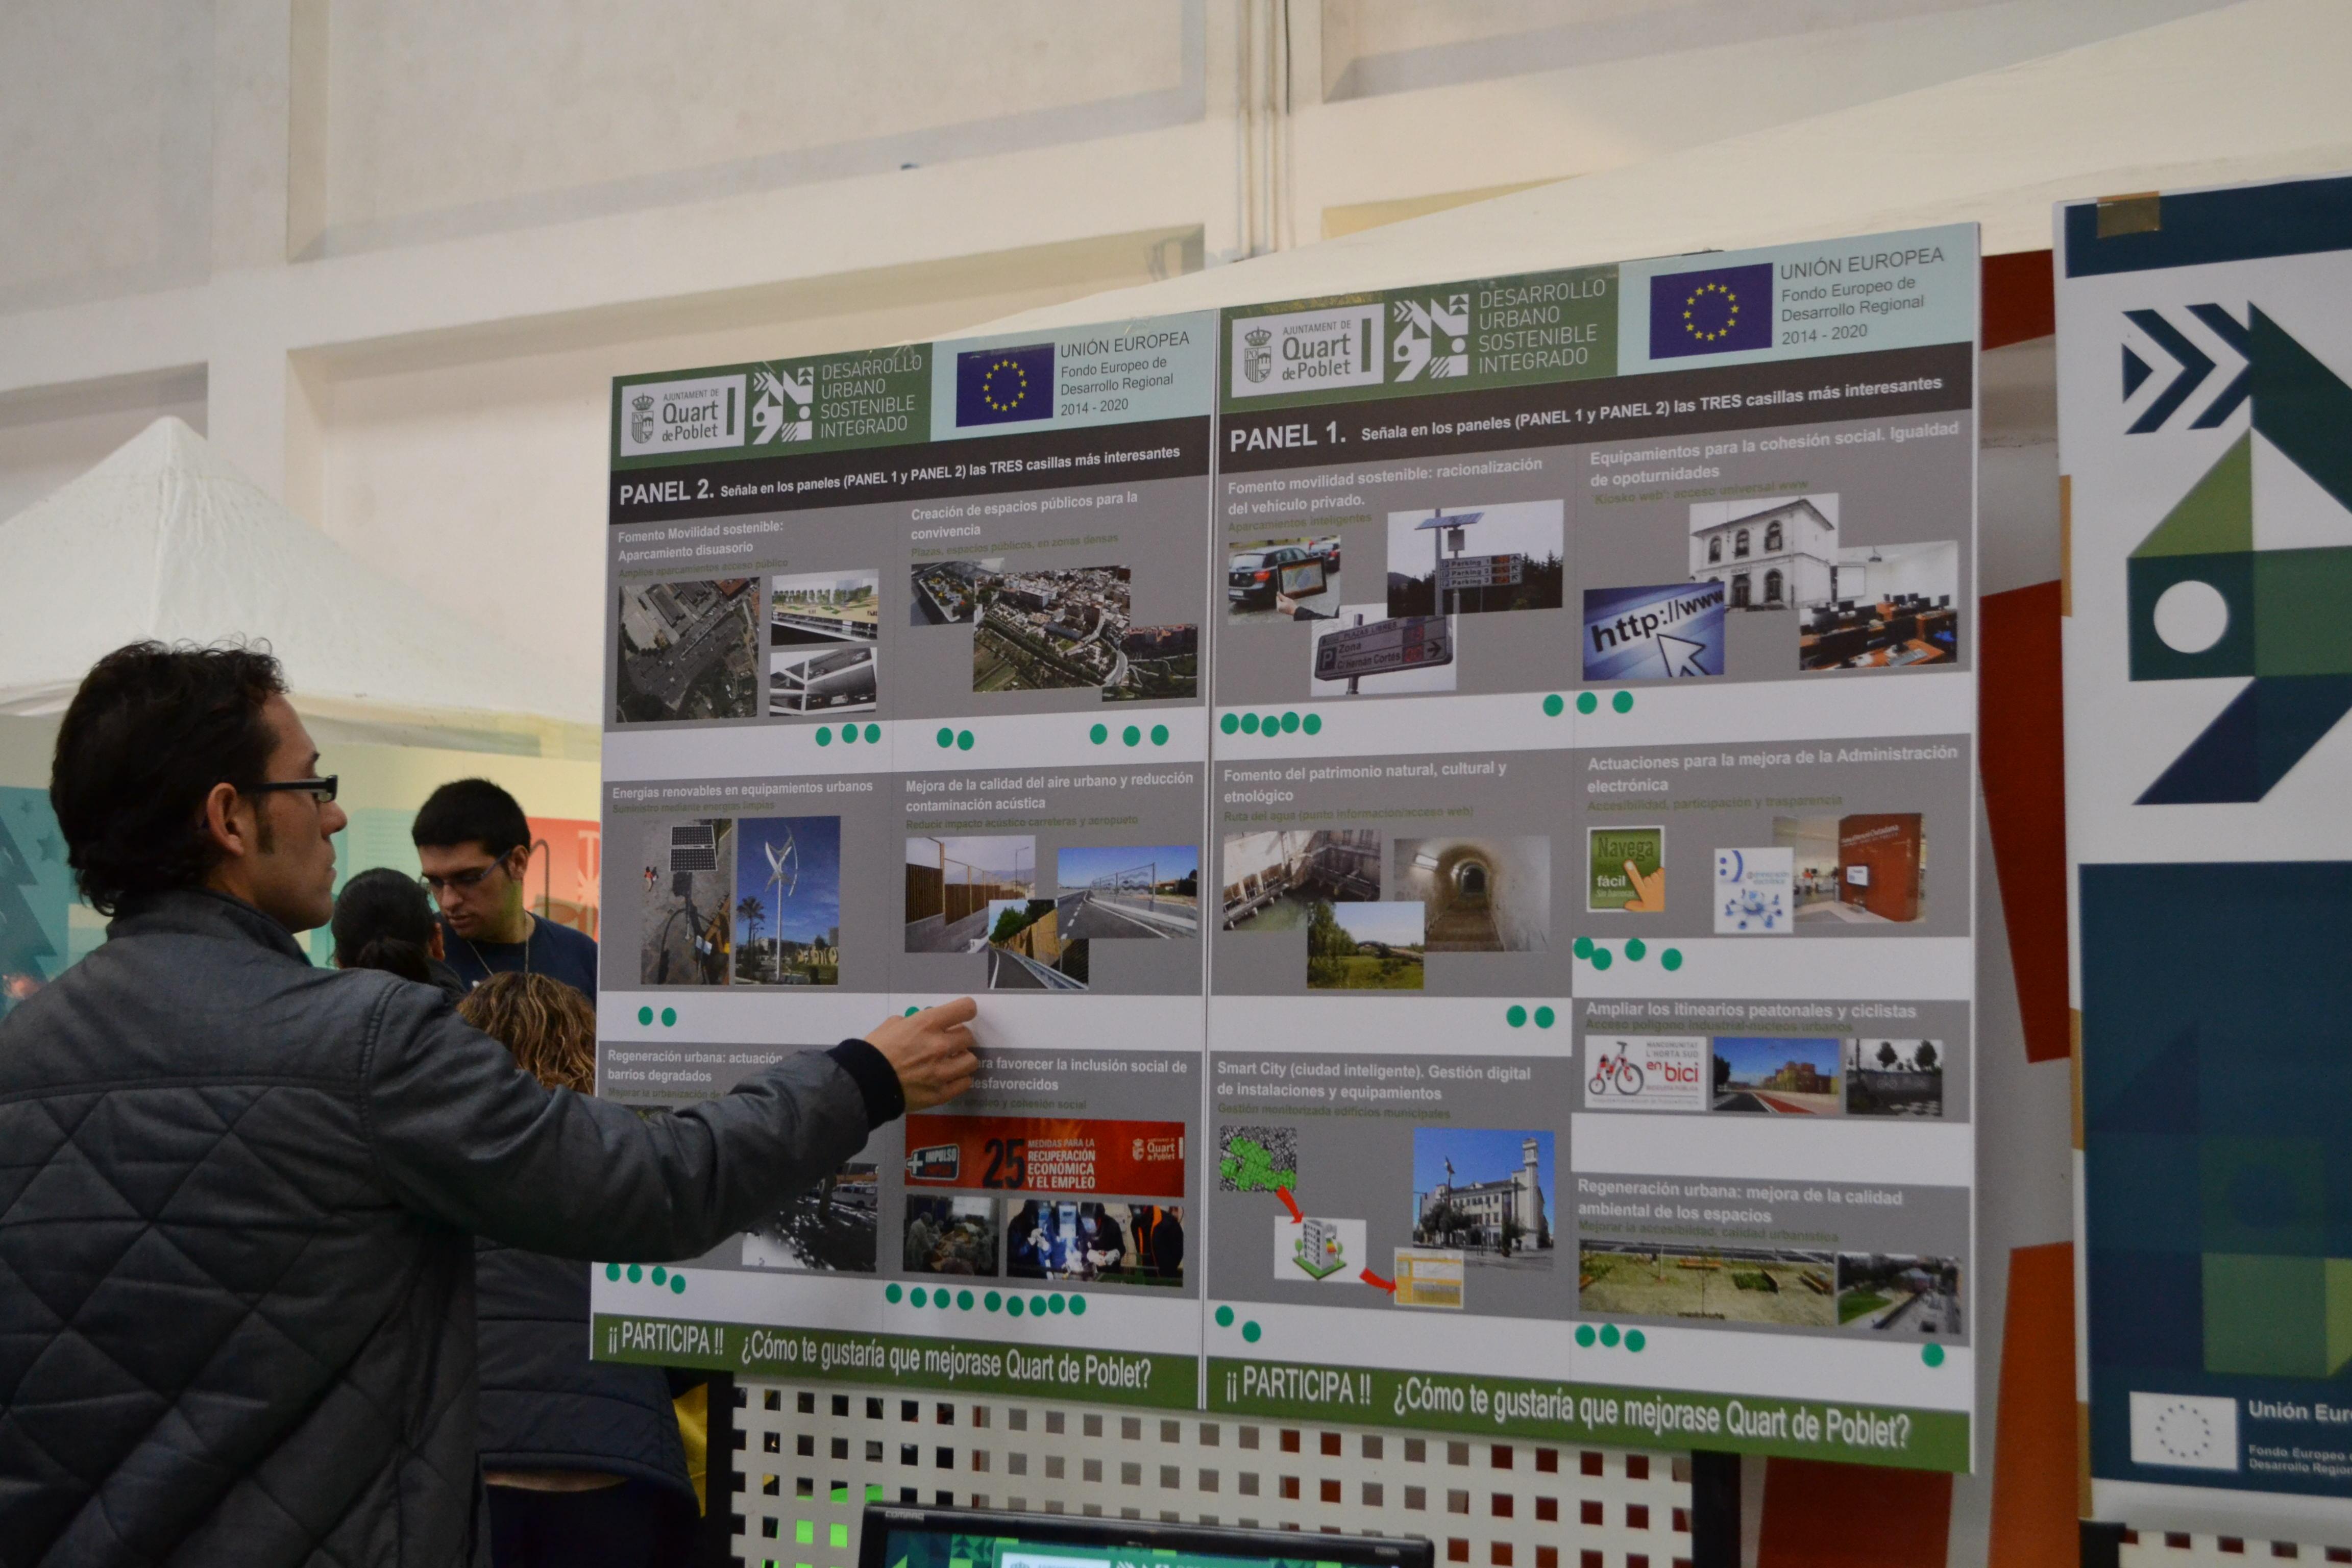 El Gobierno da luz verde al proyecto que culminará el desarrollo urbano sostenible de Quart de Poblet con una inversión de 10 millones de euros